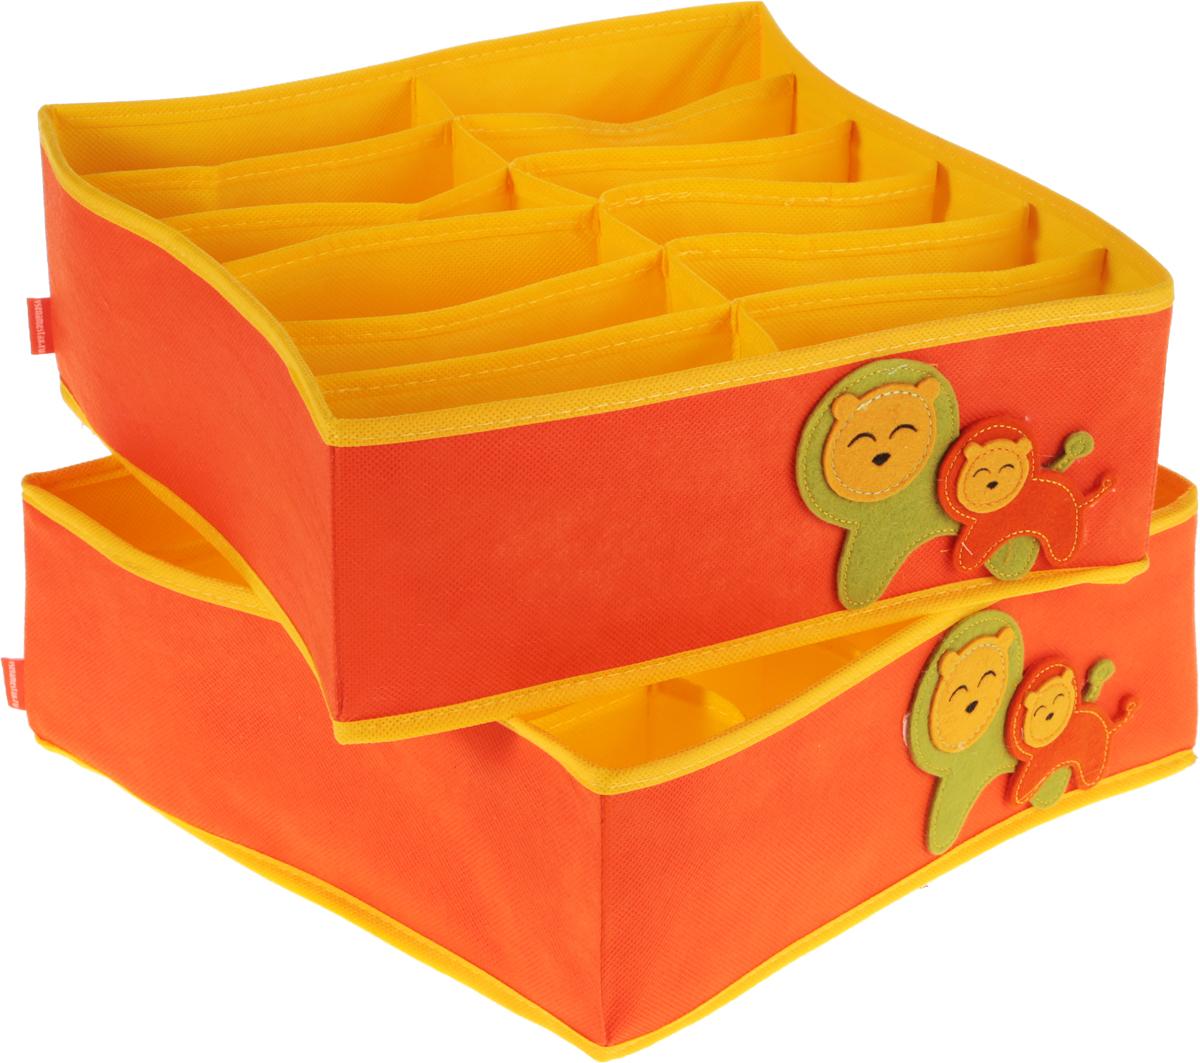 Набор органайзеров для детского белья Все на местах Sunny Jungle, цвет: желтый, оранжевый, 2 шт1071029.Набор органайзеров для детского белья Все на местах Sunny Jungleвыполнен из спанбонда и ПВХ, дополнен фетровыми аппликациями.В набор входят два органайзера - в первом есть 20 ячеек для мелких вещей (трусиков, колгот, носочков) и одно широкое отделение. Второй органайзер служит для хранения водолазок, теплых колгот, футболок, в нем 12 отделений. Размеры набора позволяют разместить его в любом комоде или на полках в шкафу. Стенки органайзеров укреплены пластиком. В дно вшиты молнии, поэтому их можно быстро сложить, если необходимость в них отпадет. Размеры: органайзер № 1 -32 х 32 х 12 см, 12 продольных ячеек размером 16 х 5,3 см;органайзер № 2:32 х 32 х 12,1 см, продольная ячейка 32 х 6,4 см; 20 квадратных ячеек размером 6,4 х 6,4 см.